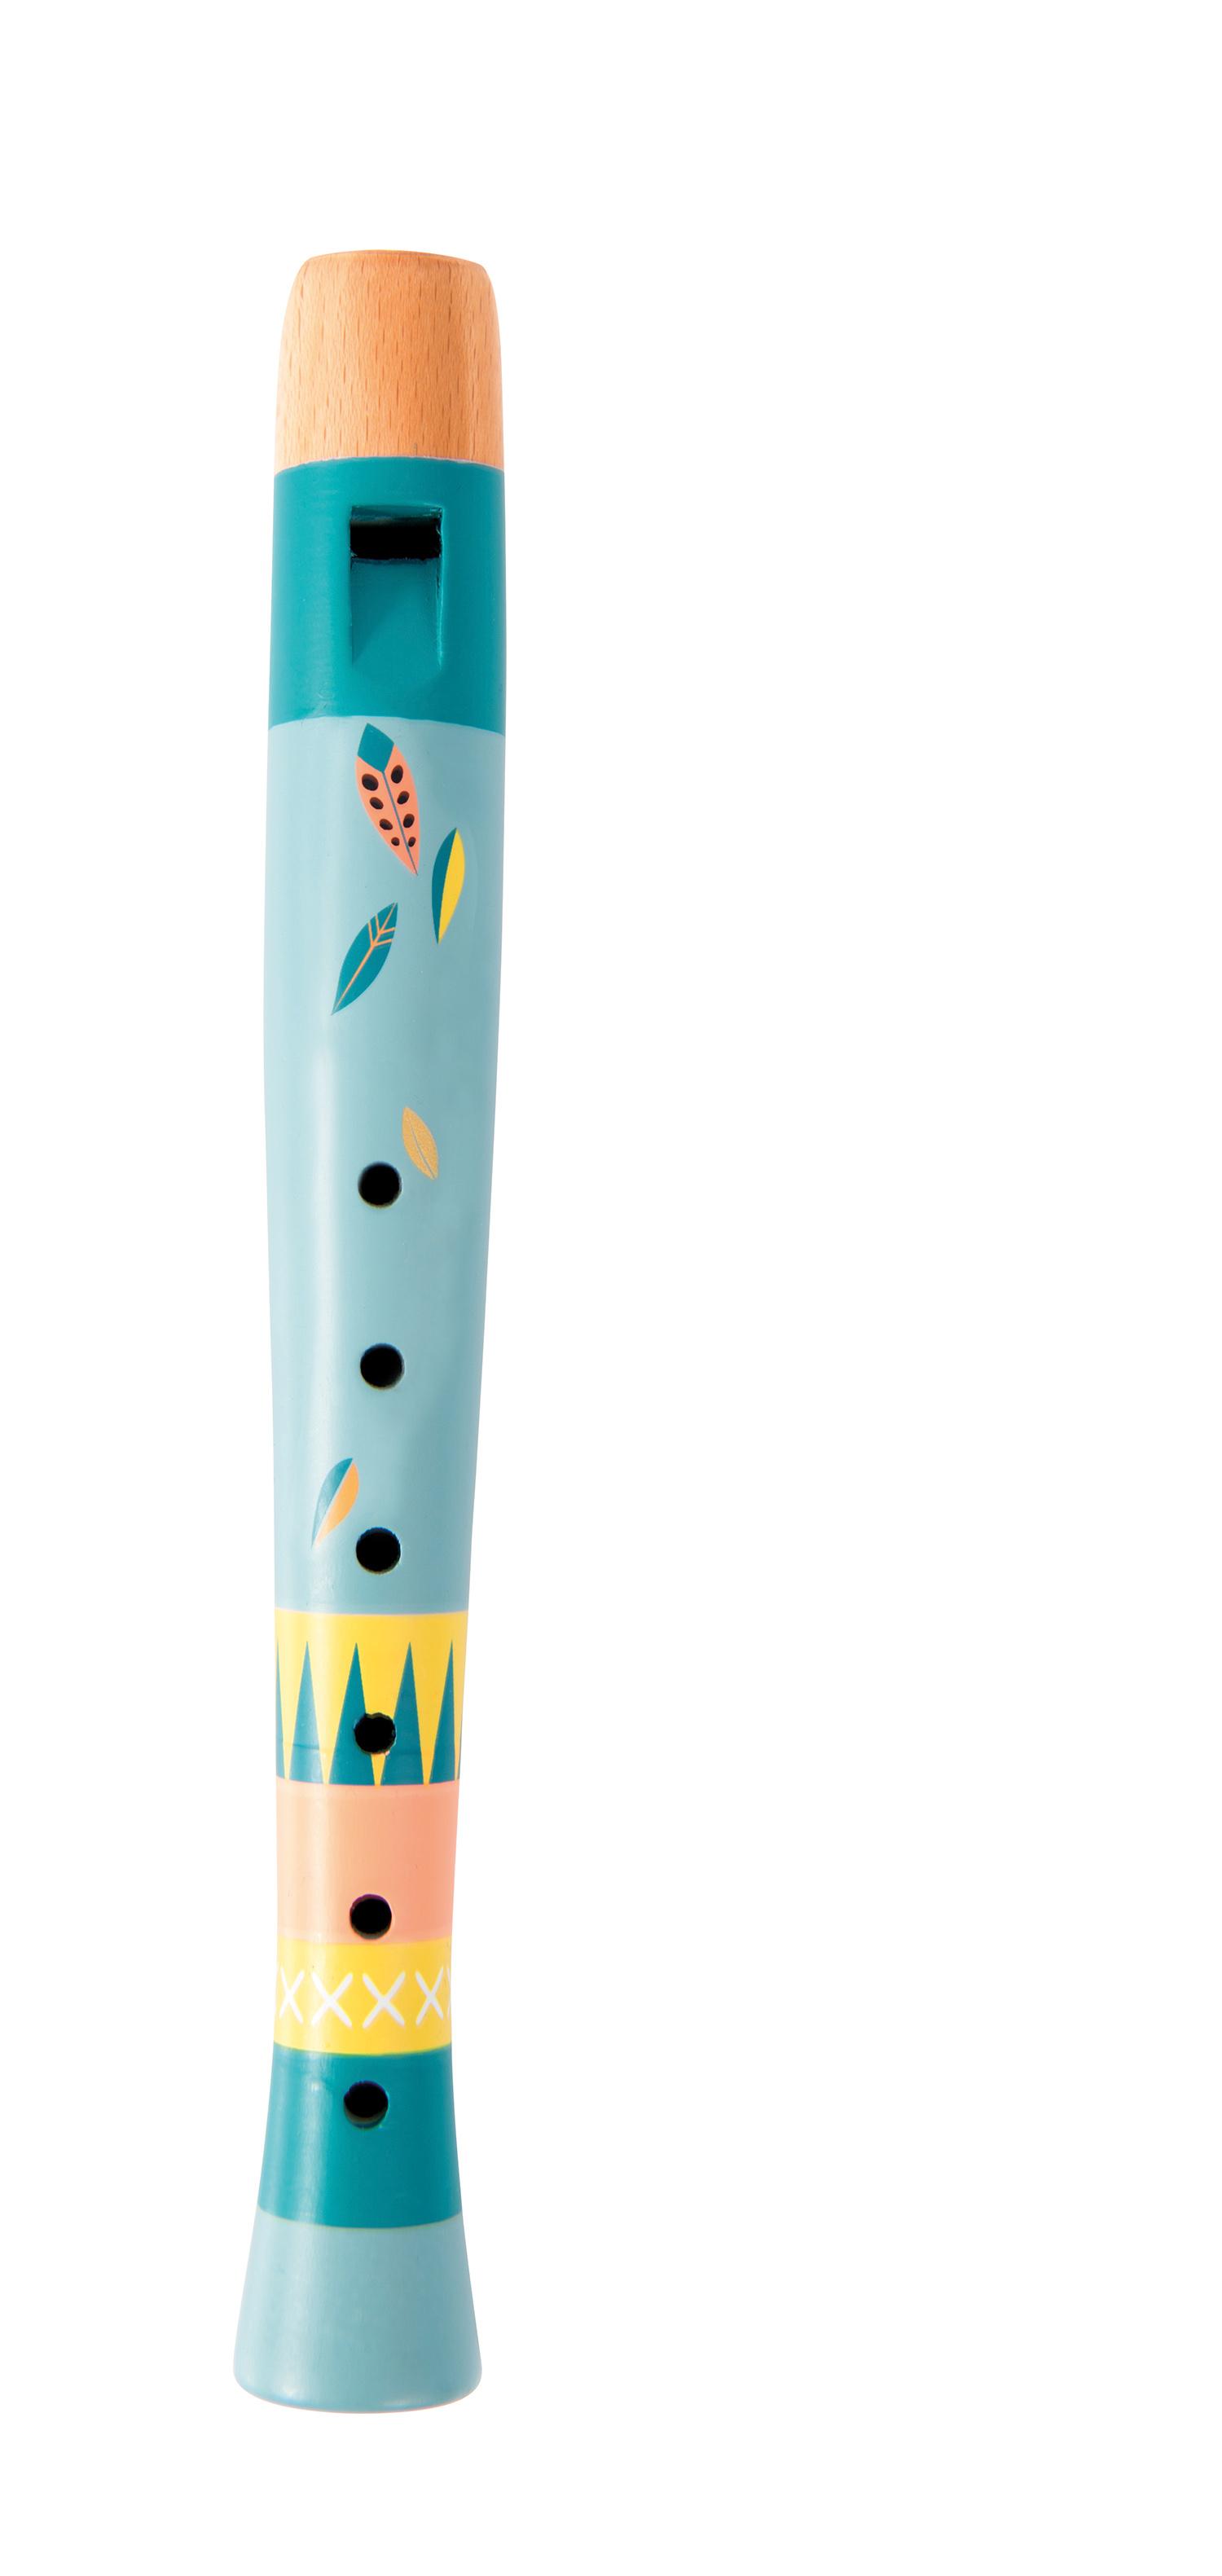 Flauto in legno per bambini assortito